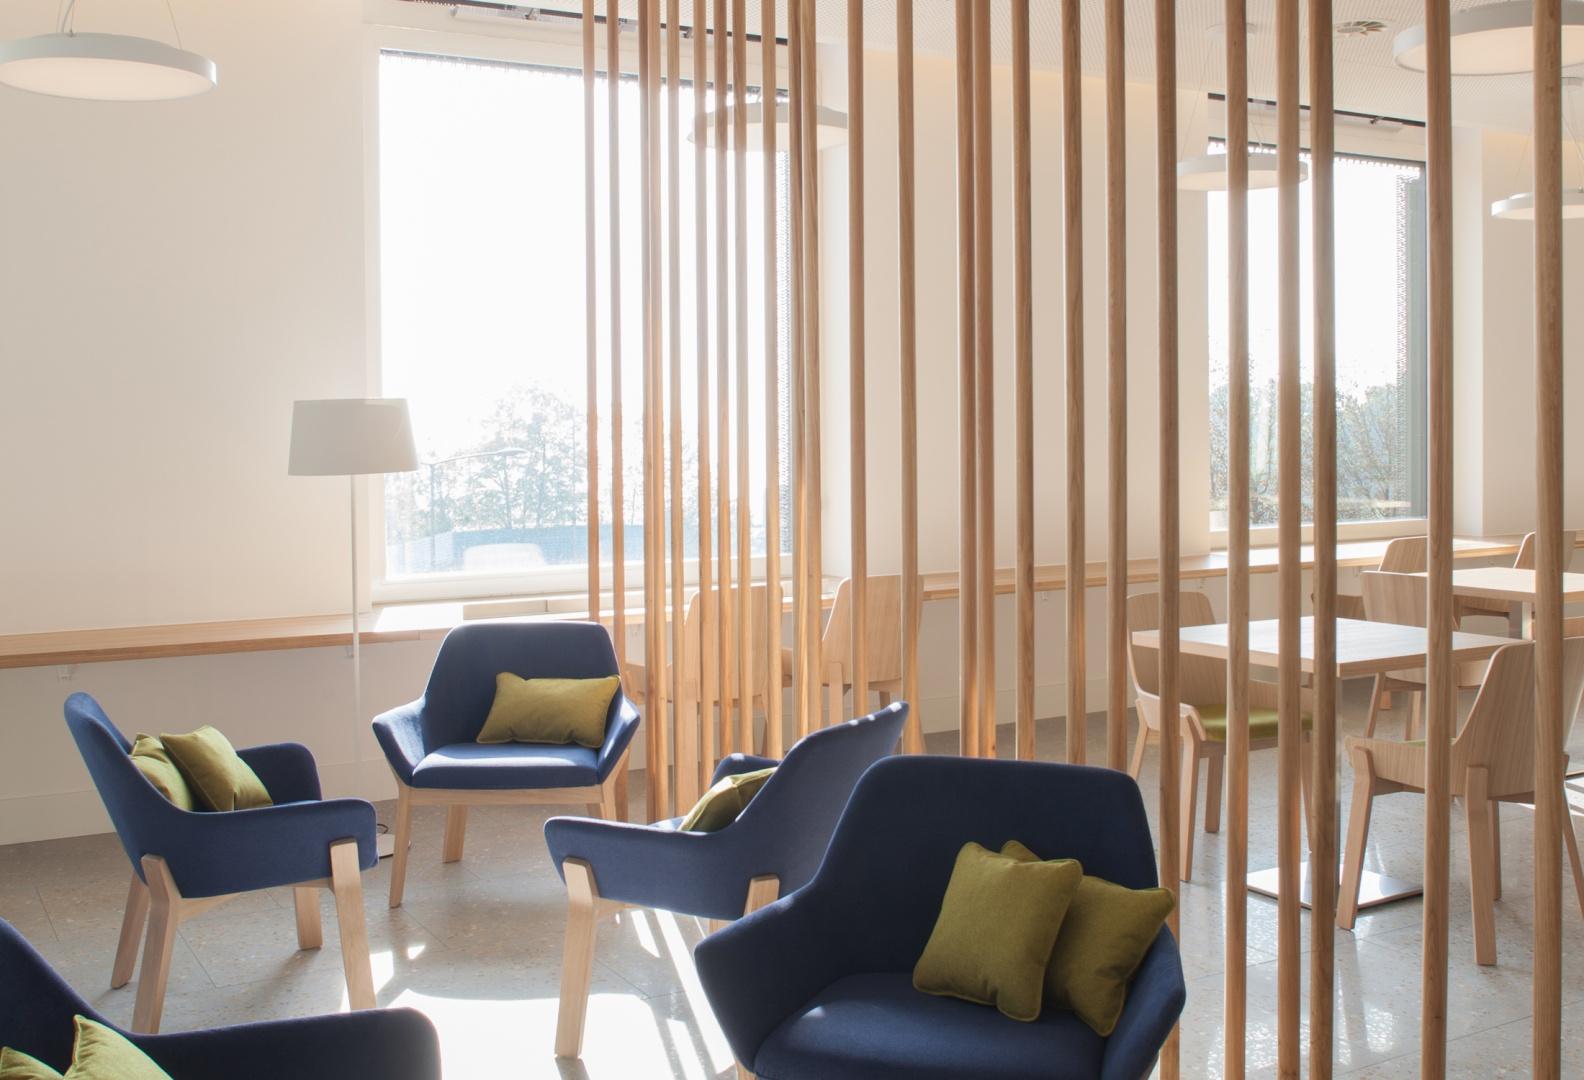 Hôtel des patients, restaurant © Brauen Wälchli Architectes, Marc Schellenberg